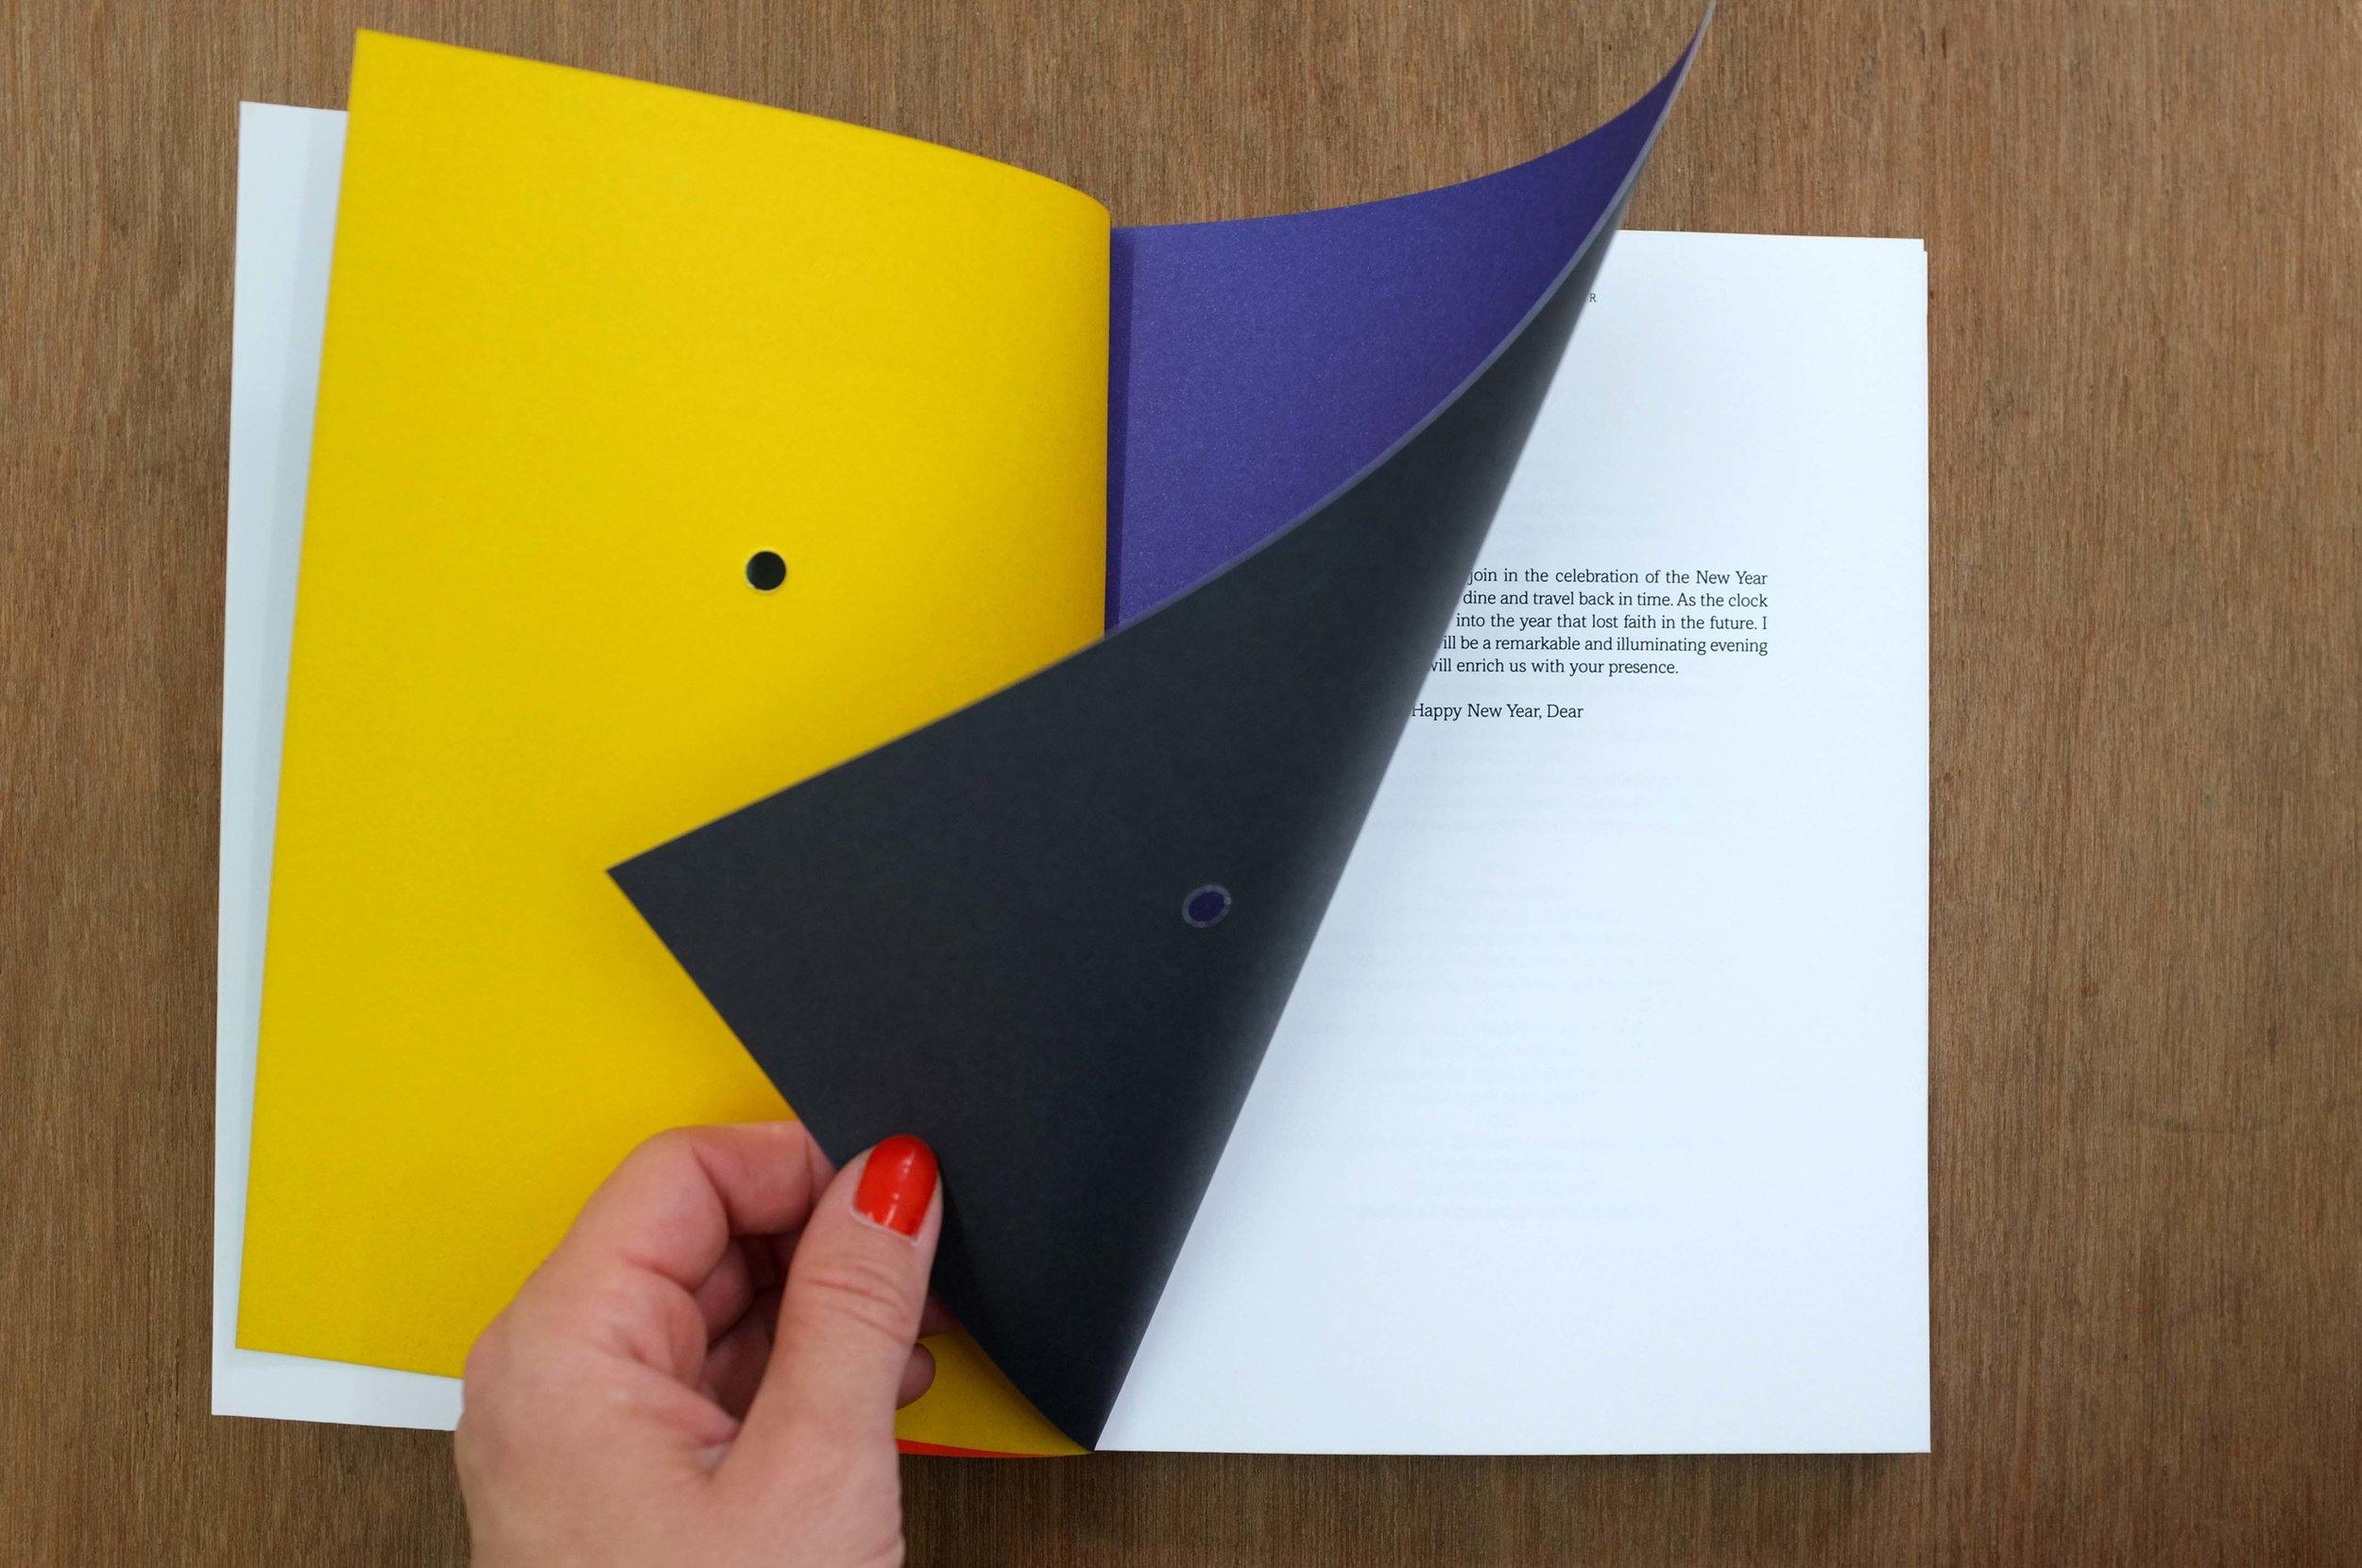 Happy New Year, Dear. Book spread, 2013